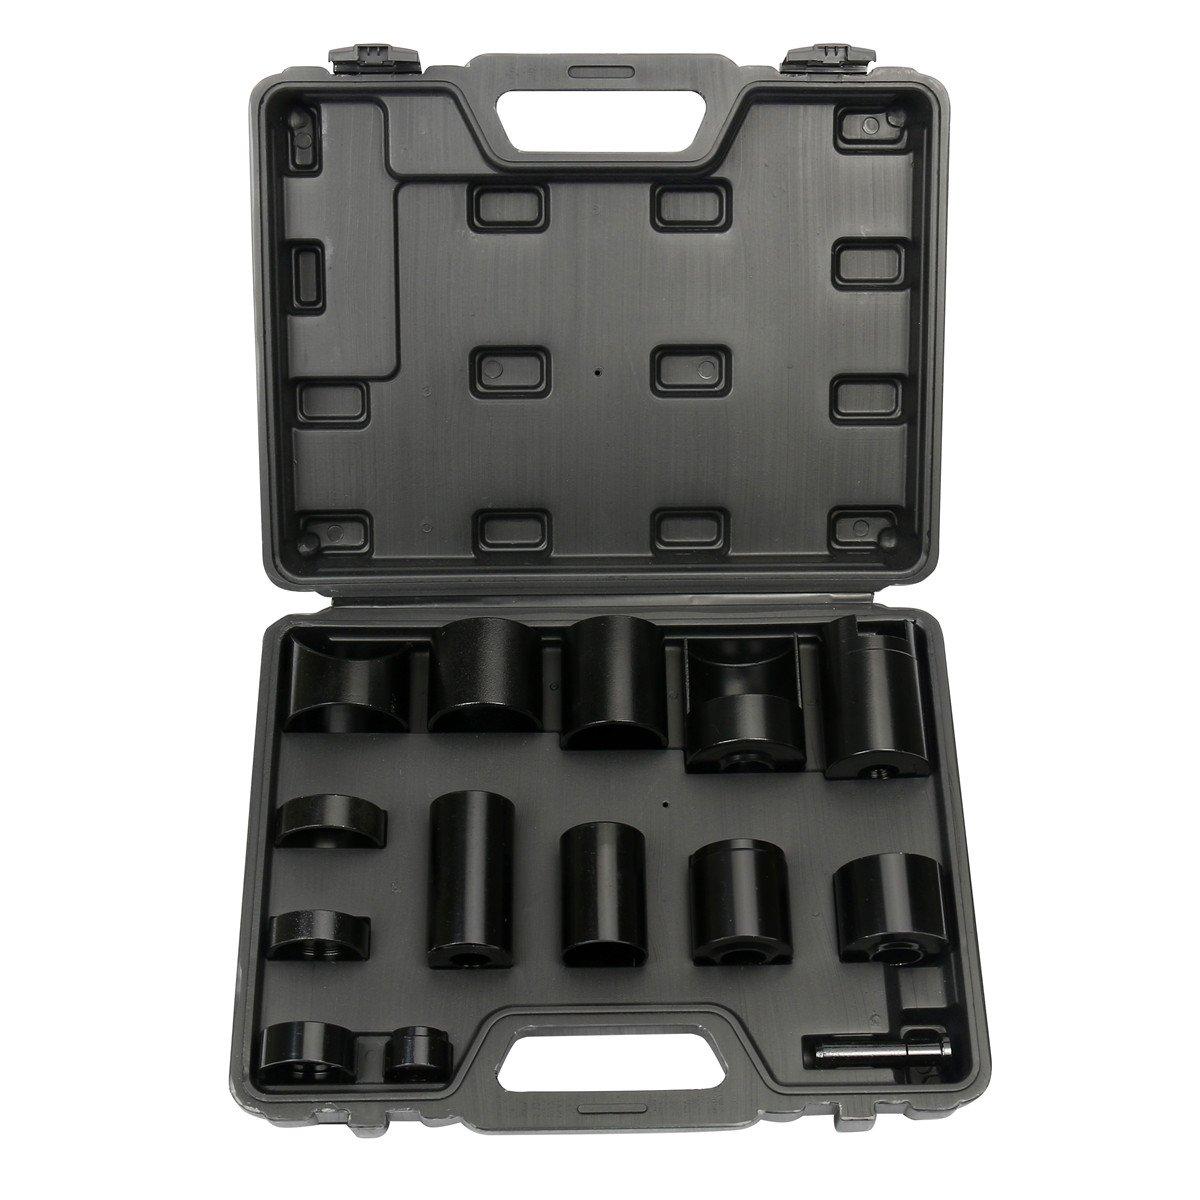 FreeTec, Drift Set, per pressa da officina, propellente per cuscinetti, accessori per trapano, adattatore di servizio per giunti sferici master, set per tutte le auto e camion, 14 pezzi freebirdtrading FT0147